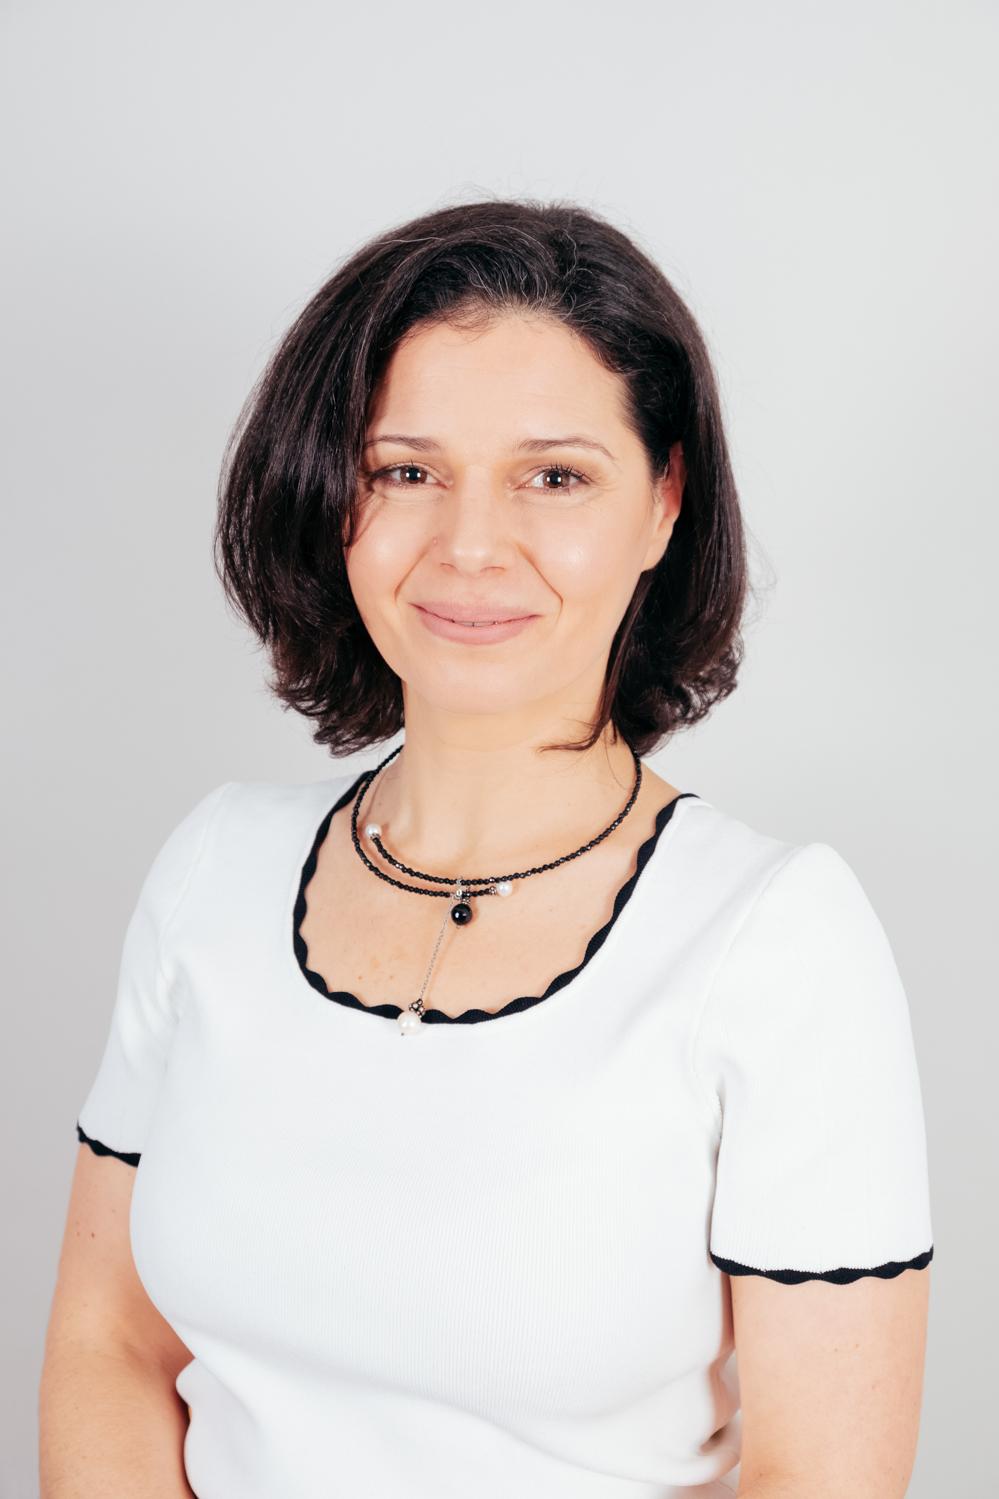 Séverine Valent